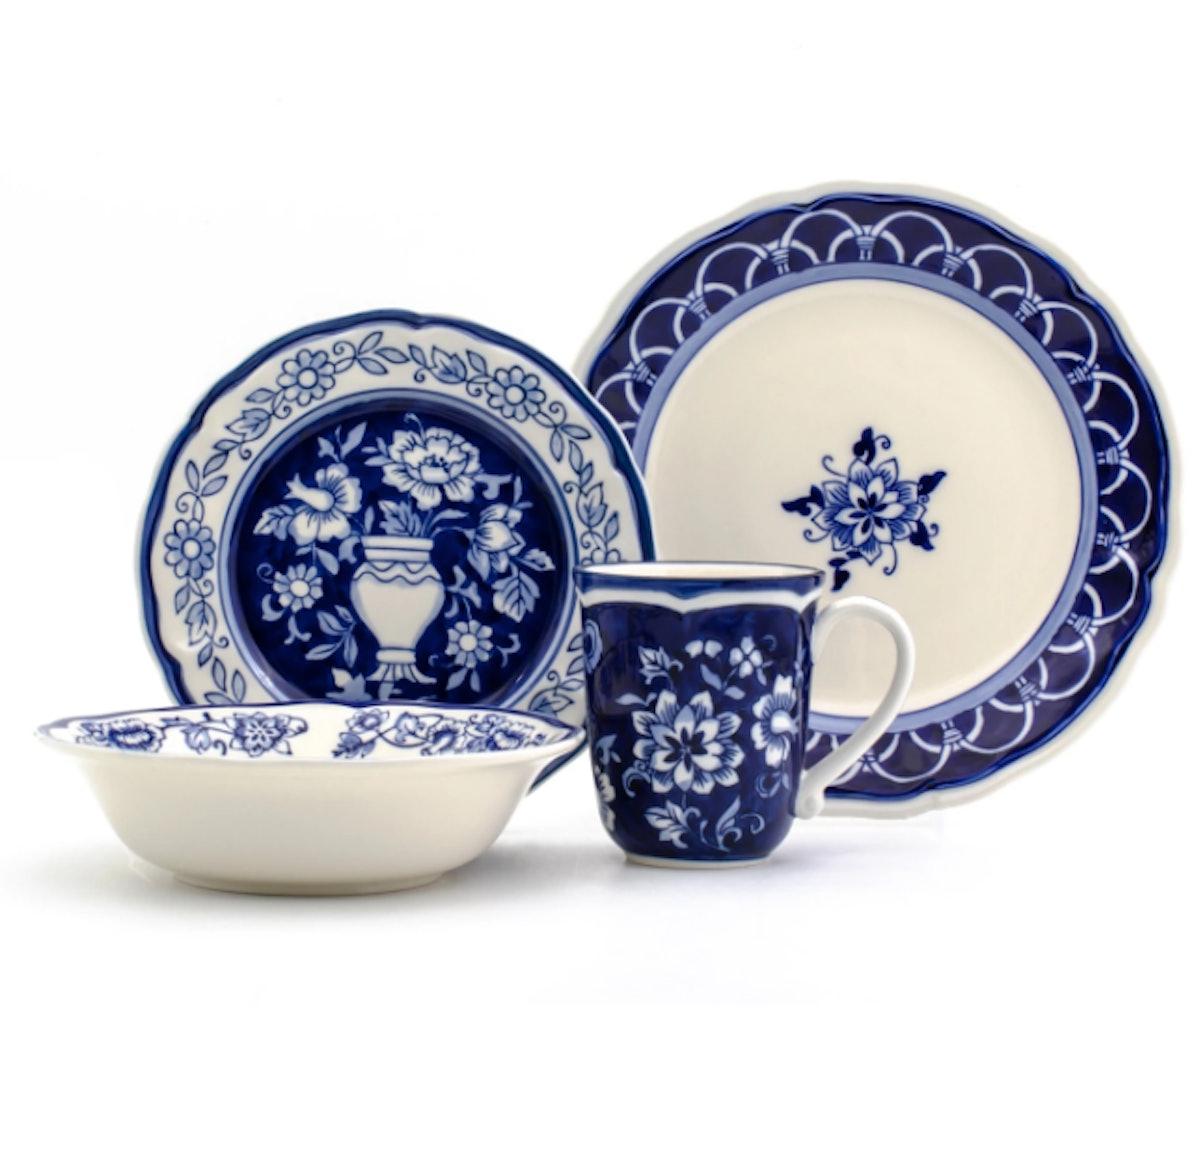 16pc Stoneware Blue Garden Dinnerware Set Blue/White